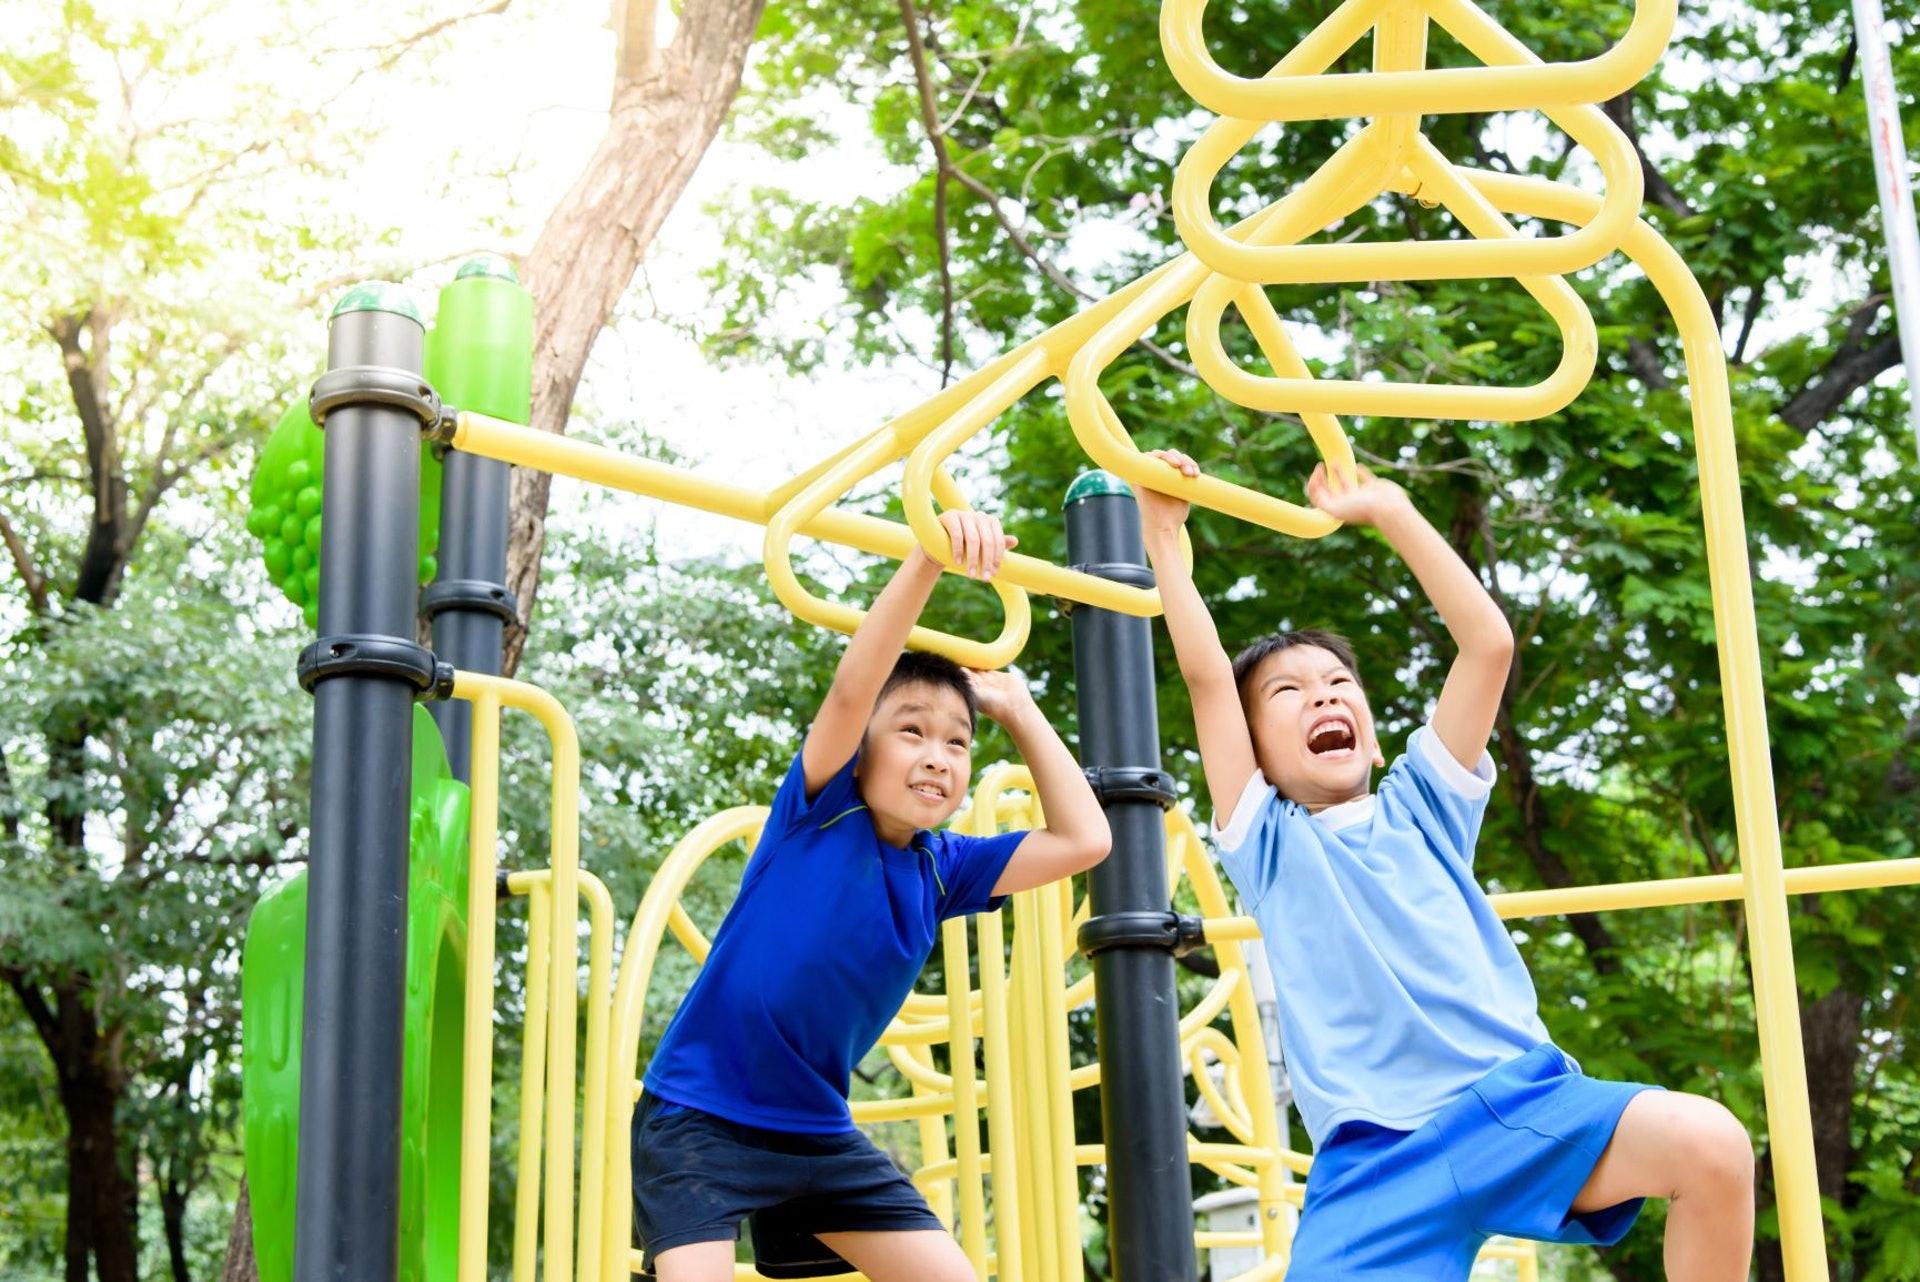 小朋友戶外活動後出汗多、溫度高,易惹蚊叮蟲咬。(圖片:Shutterstock)